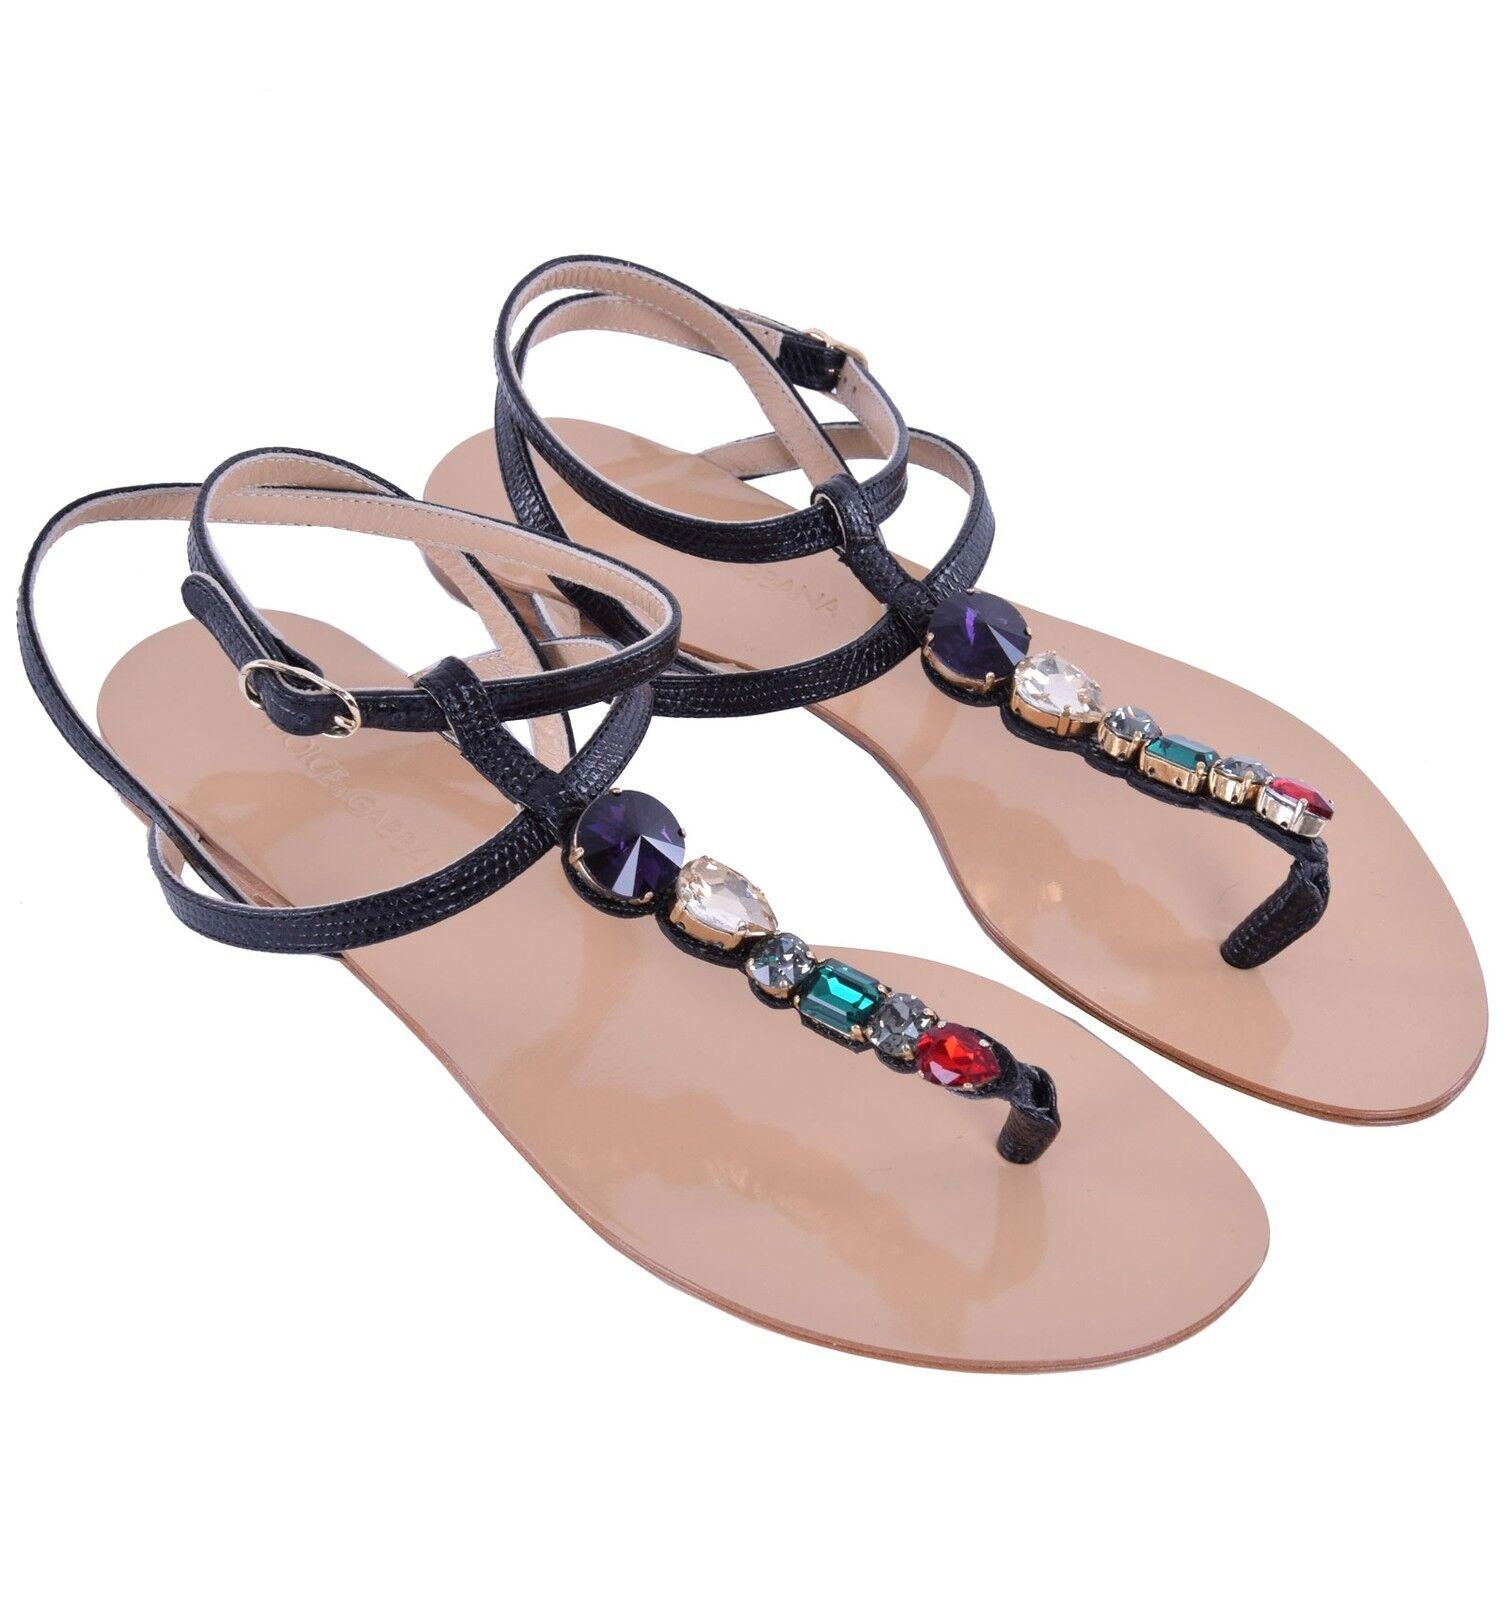 Dolce & gabbana de piel de serpiente sandalias flip-flops con cristales negro 05026